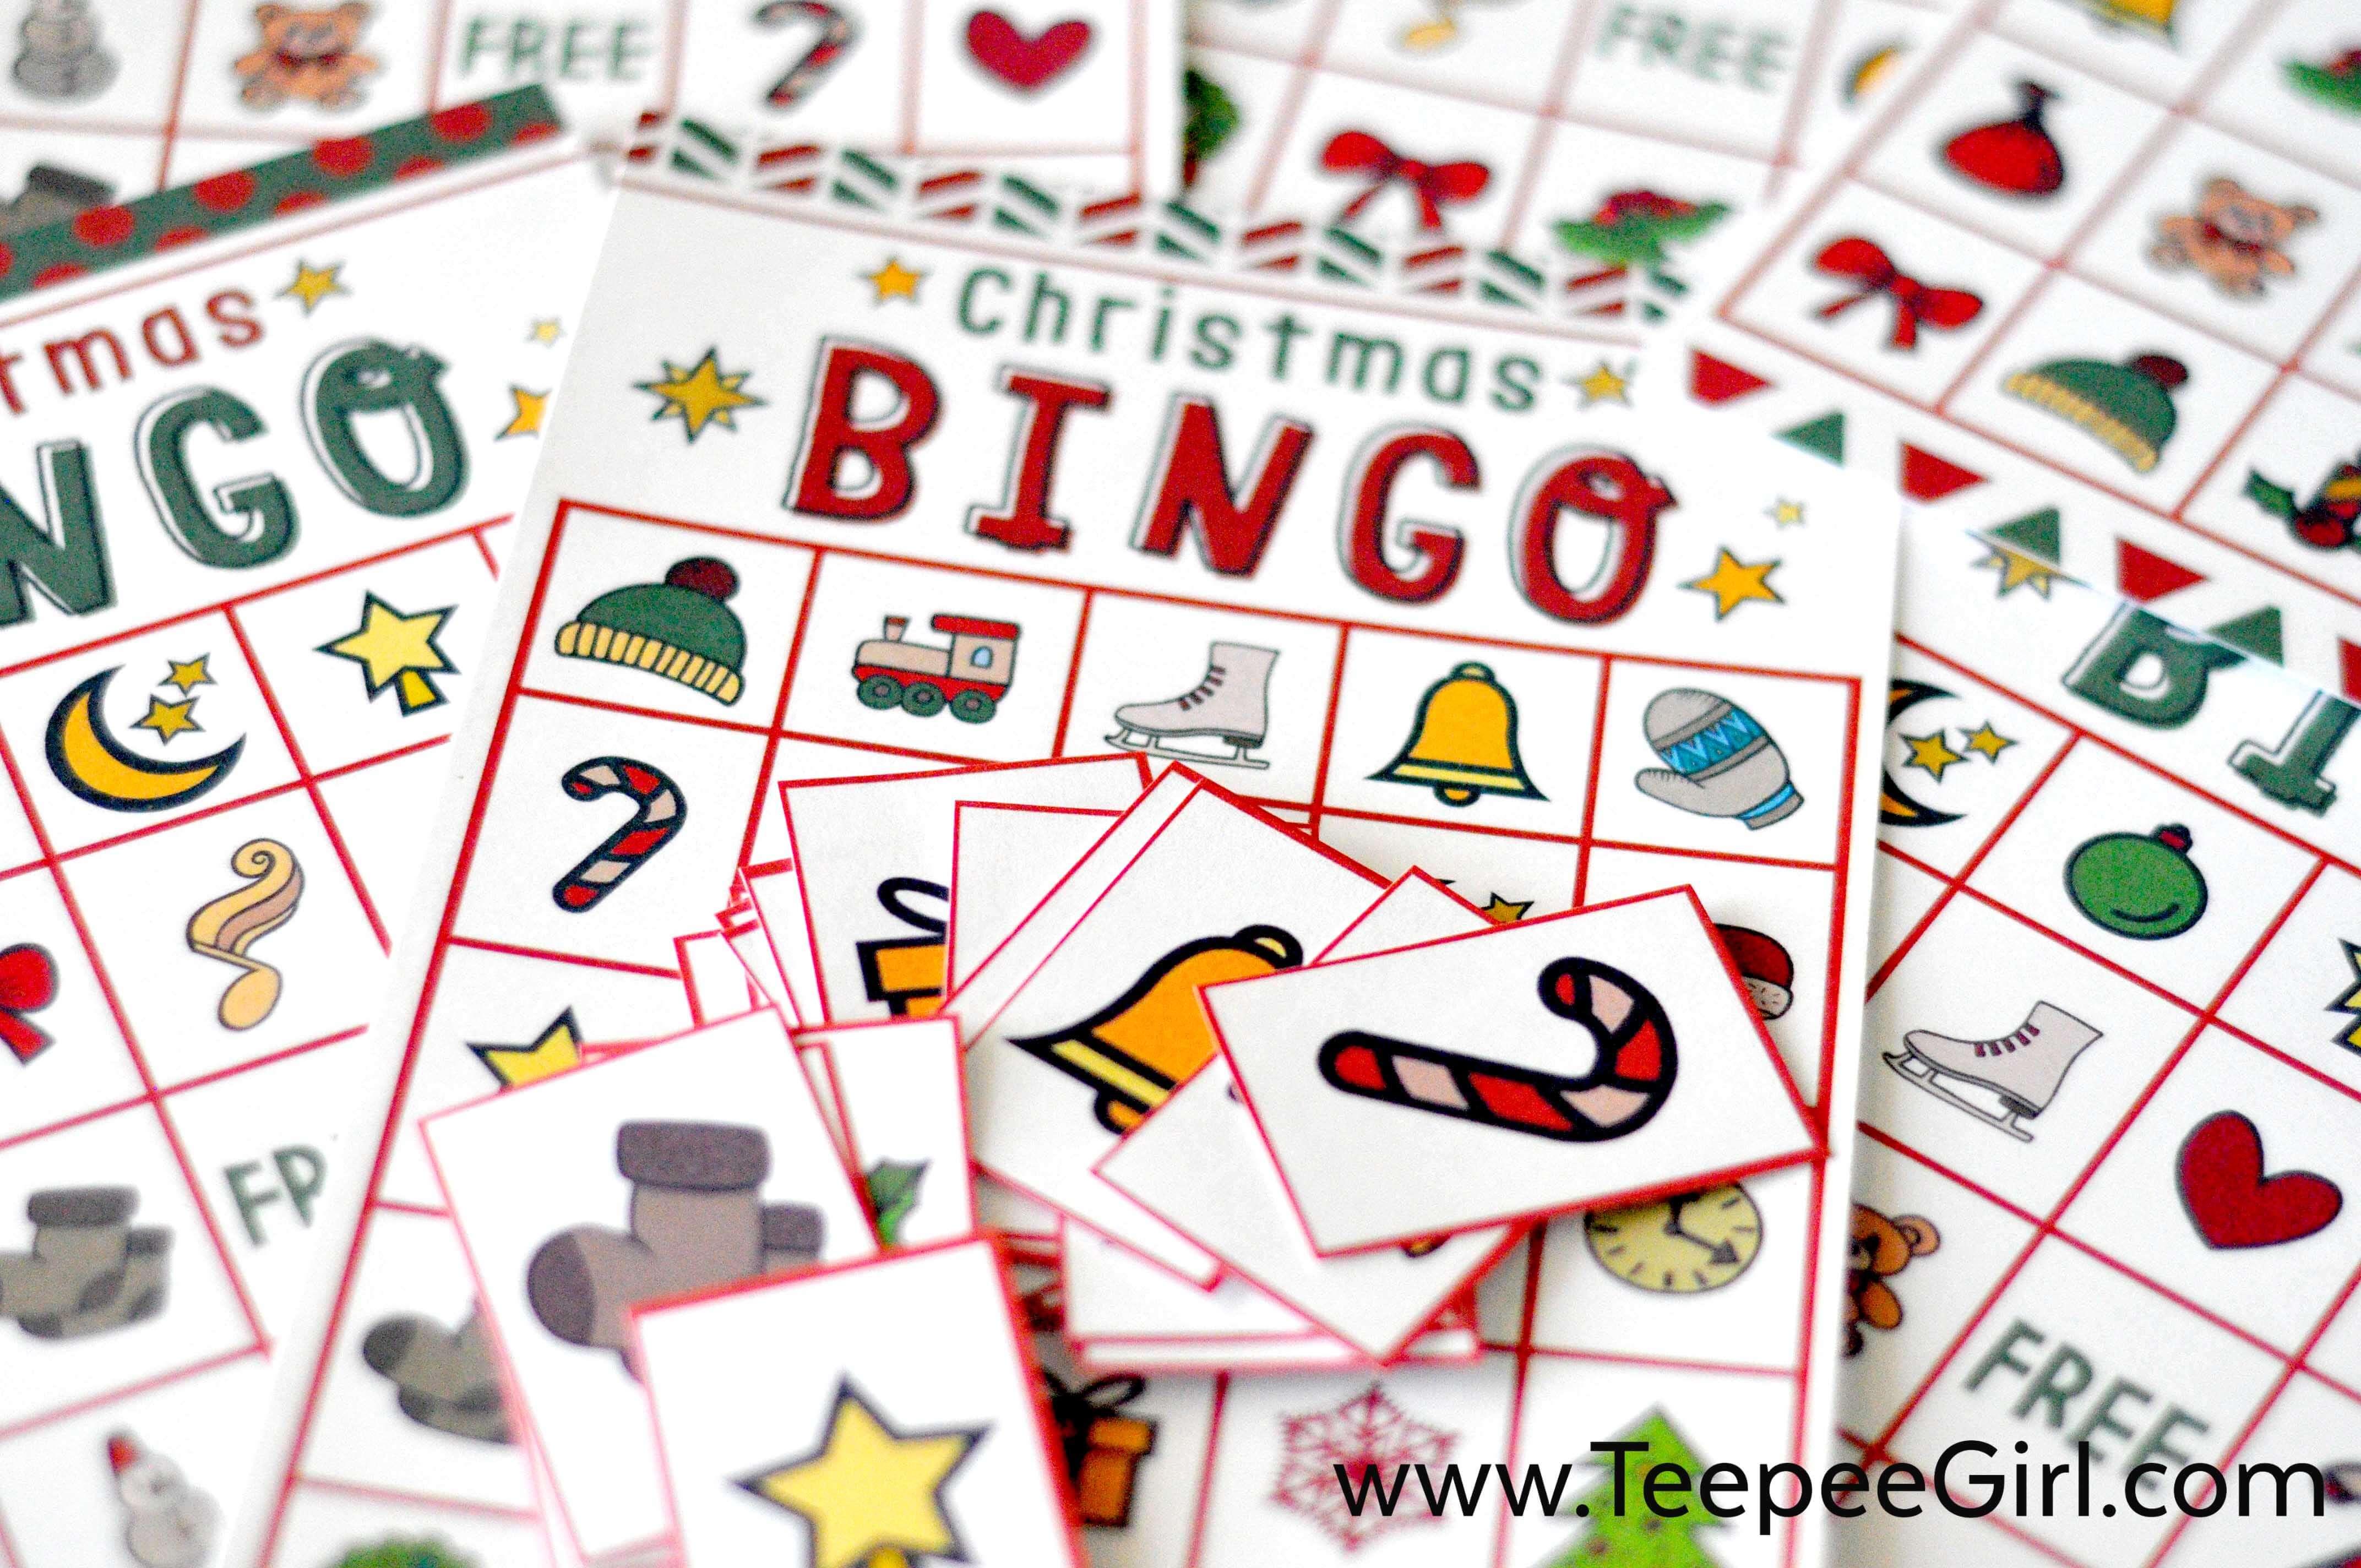 Free Christmas Bingo Game Printable - Free Holiday Games Printable